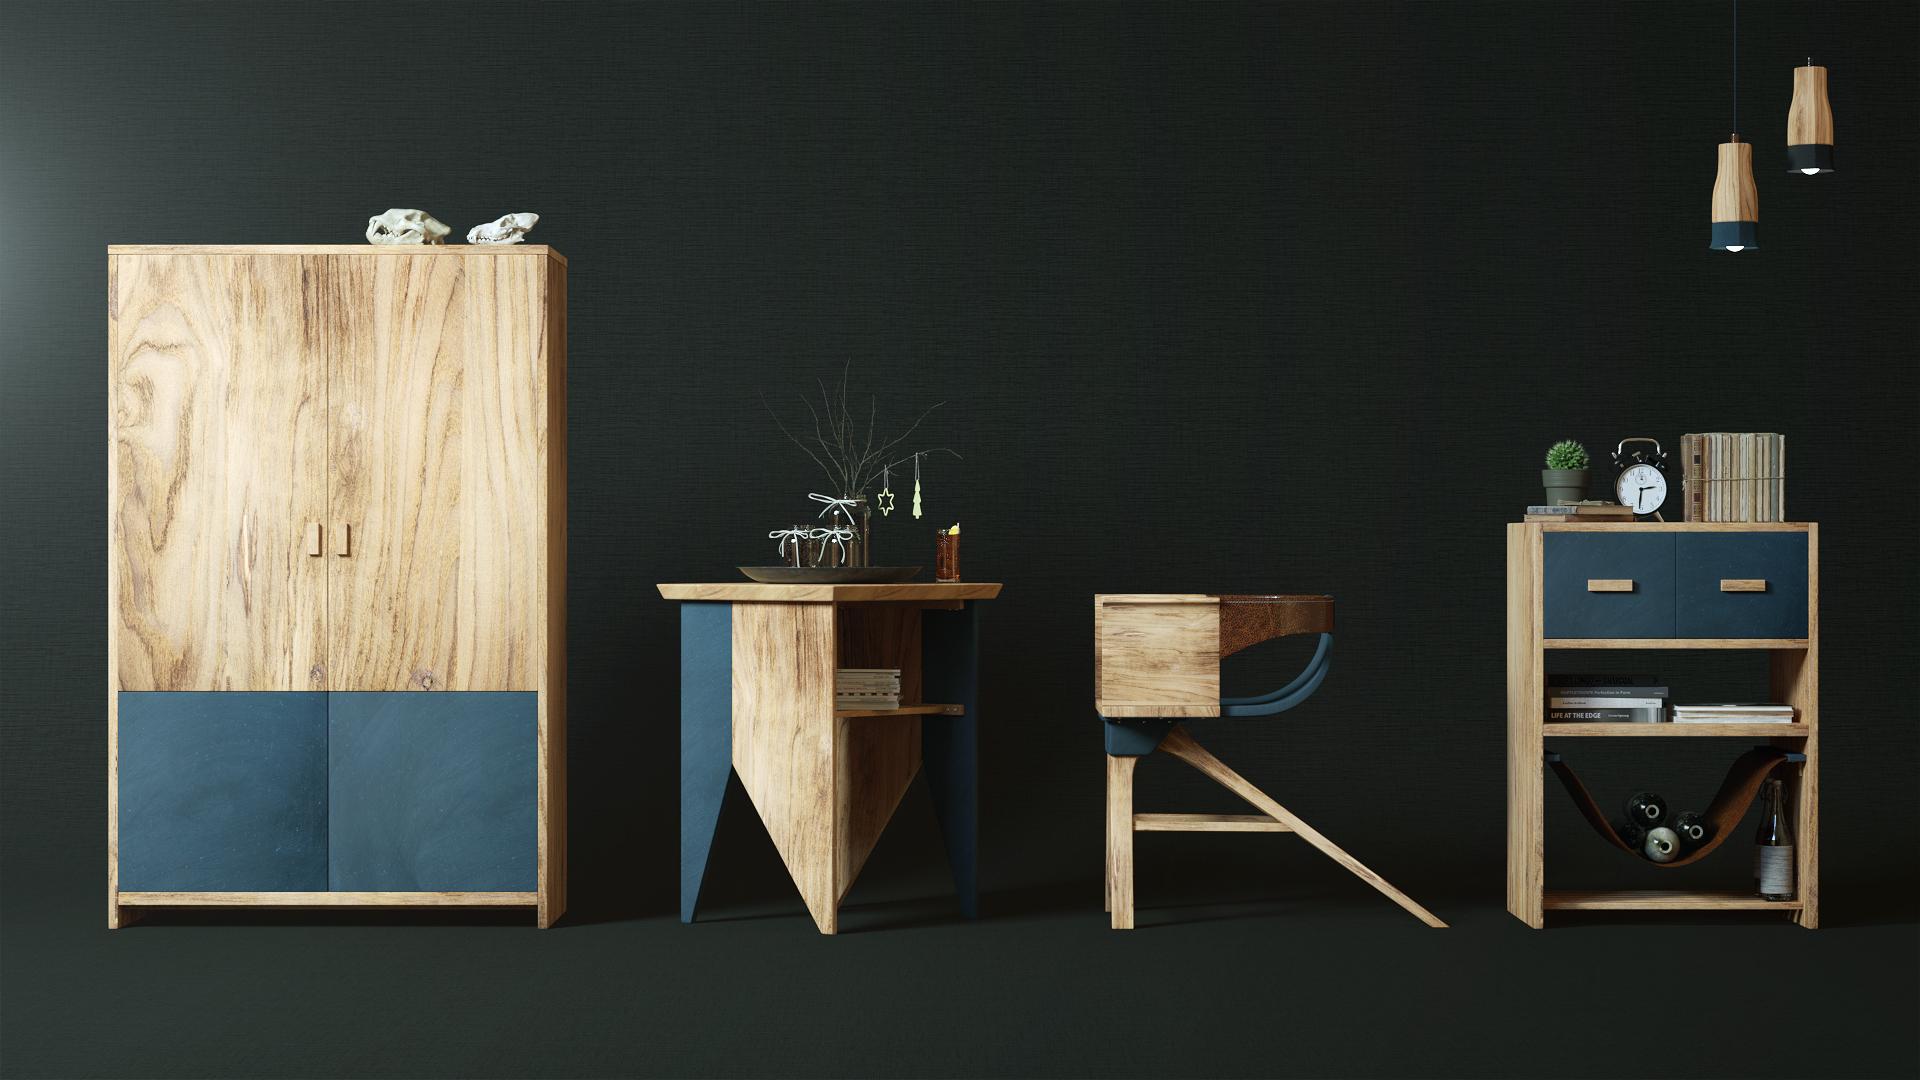 uuuu93_slice家具系列 家具 工业/产品 luuuu - 原创设计作品